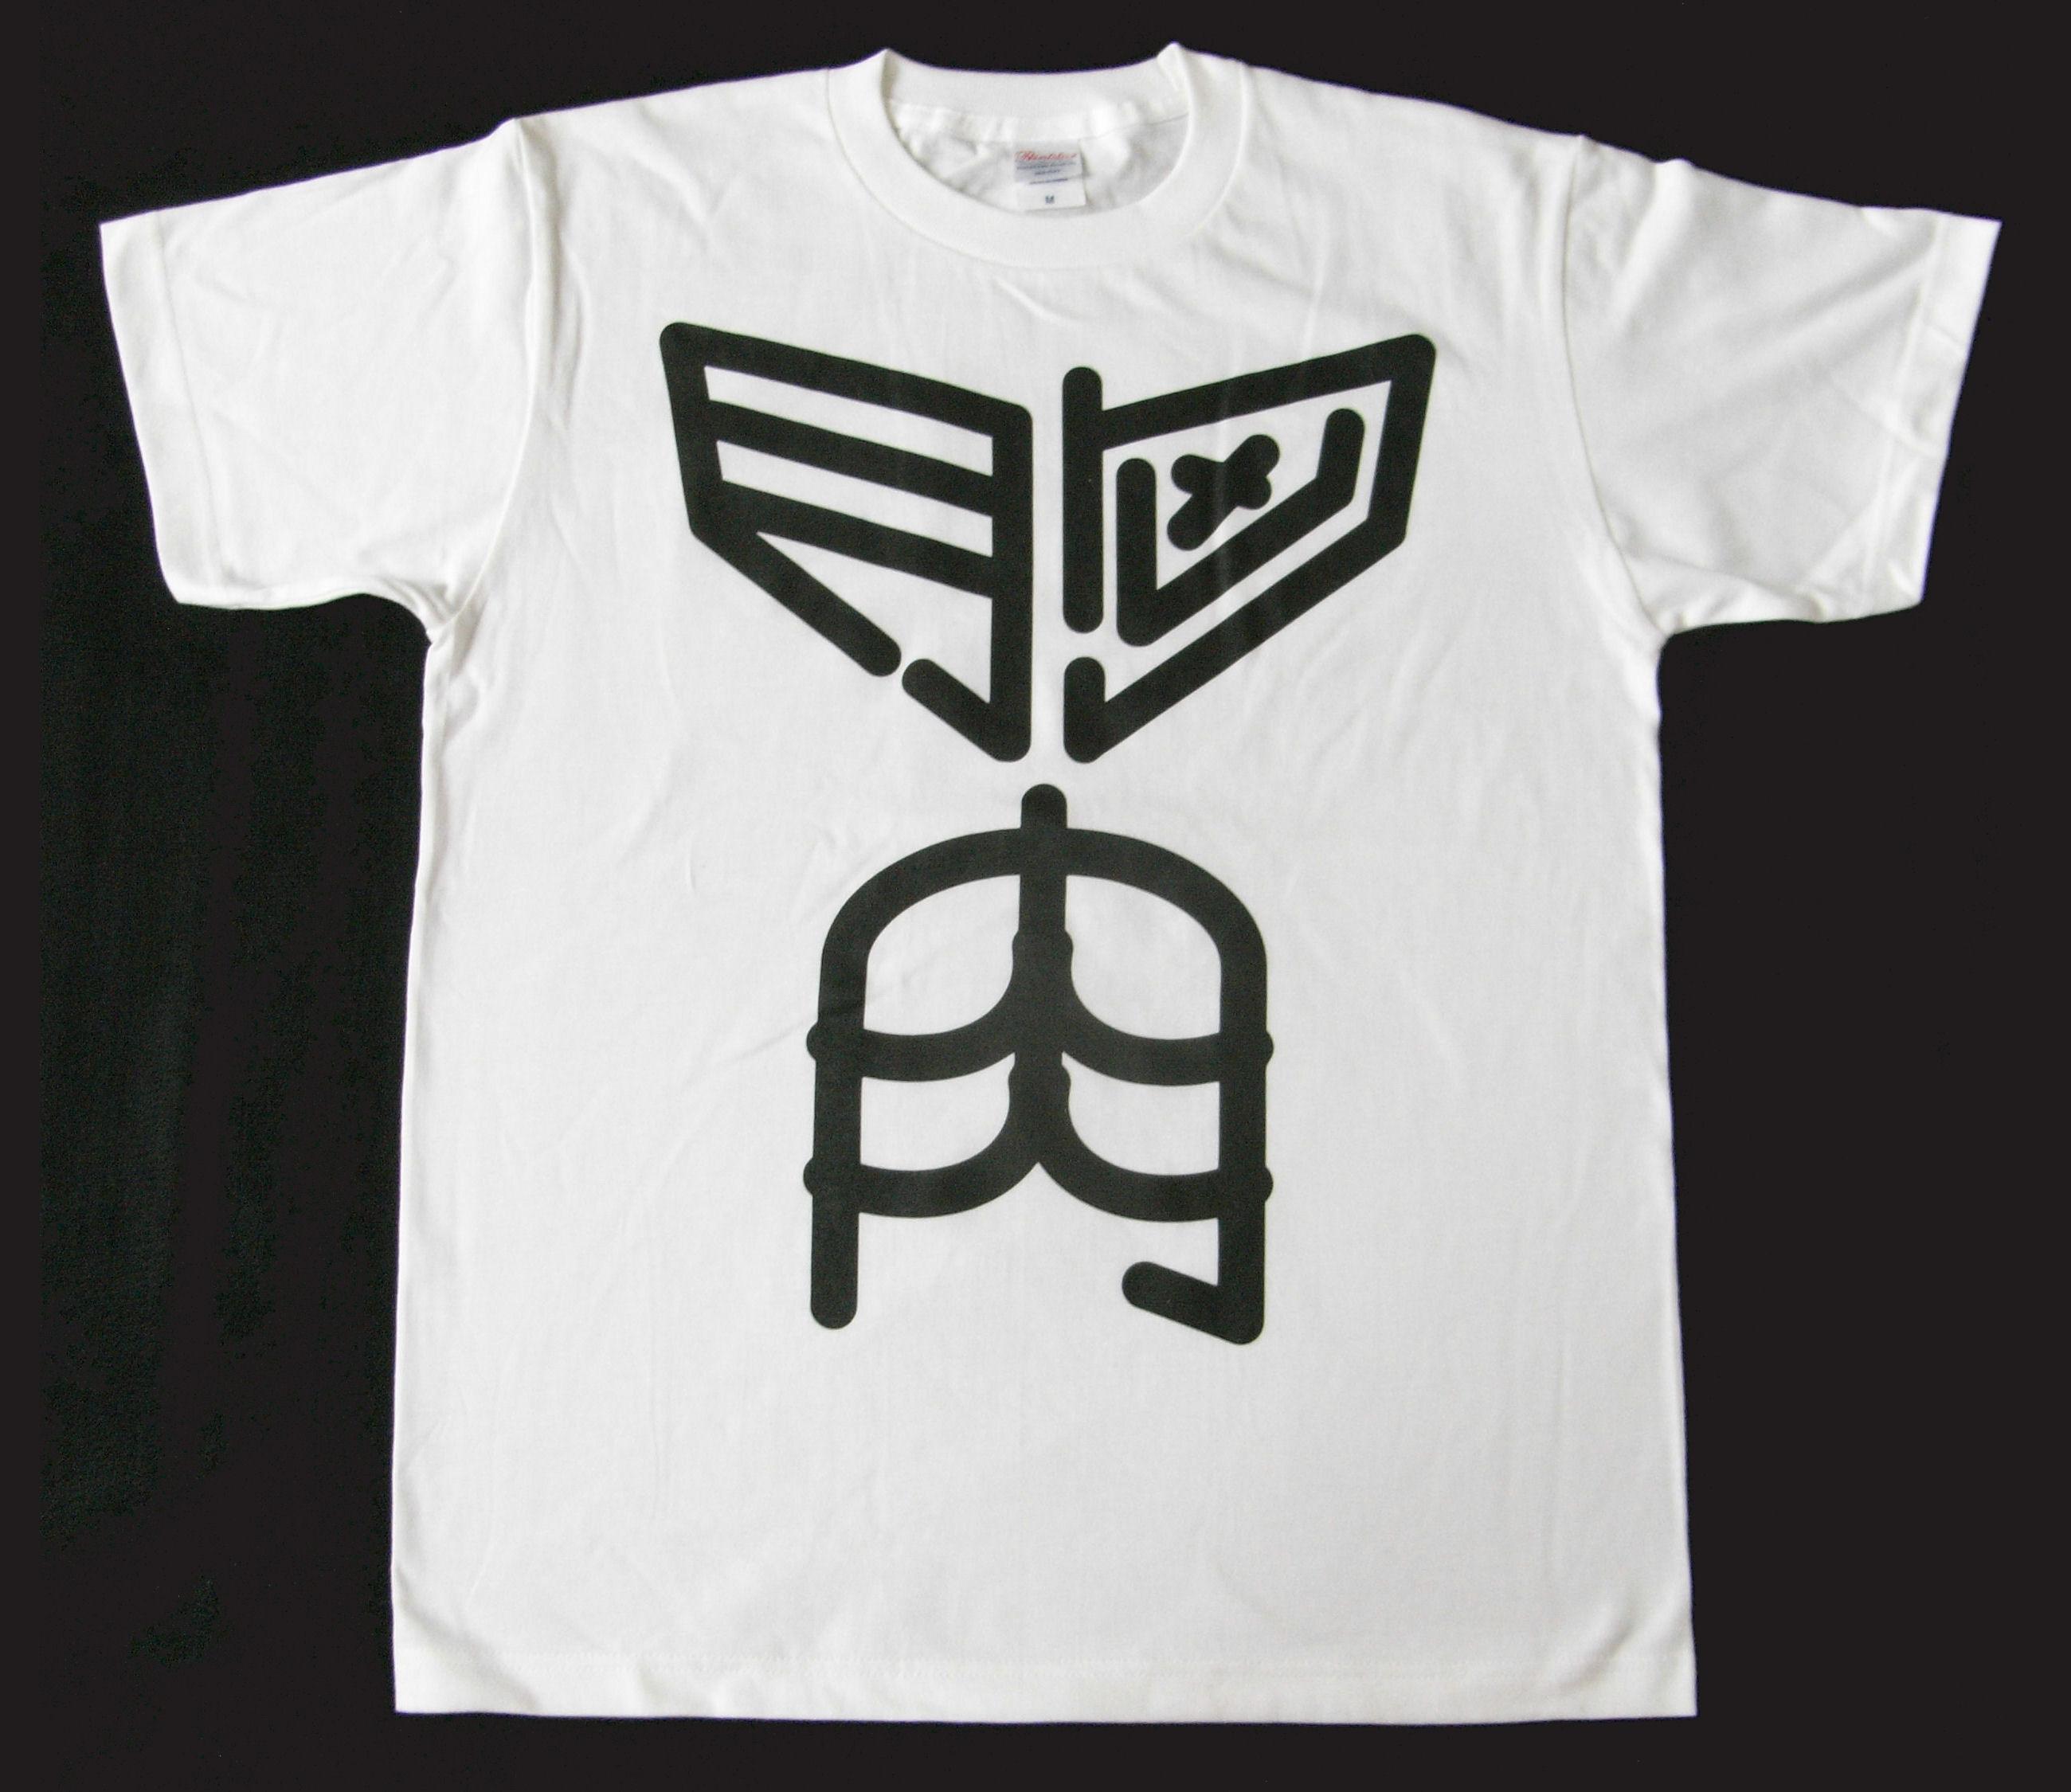 胸肉背骨Tシャツ(色・ホワイト、サイズ・M)画像